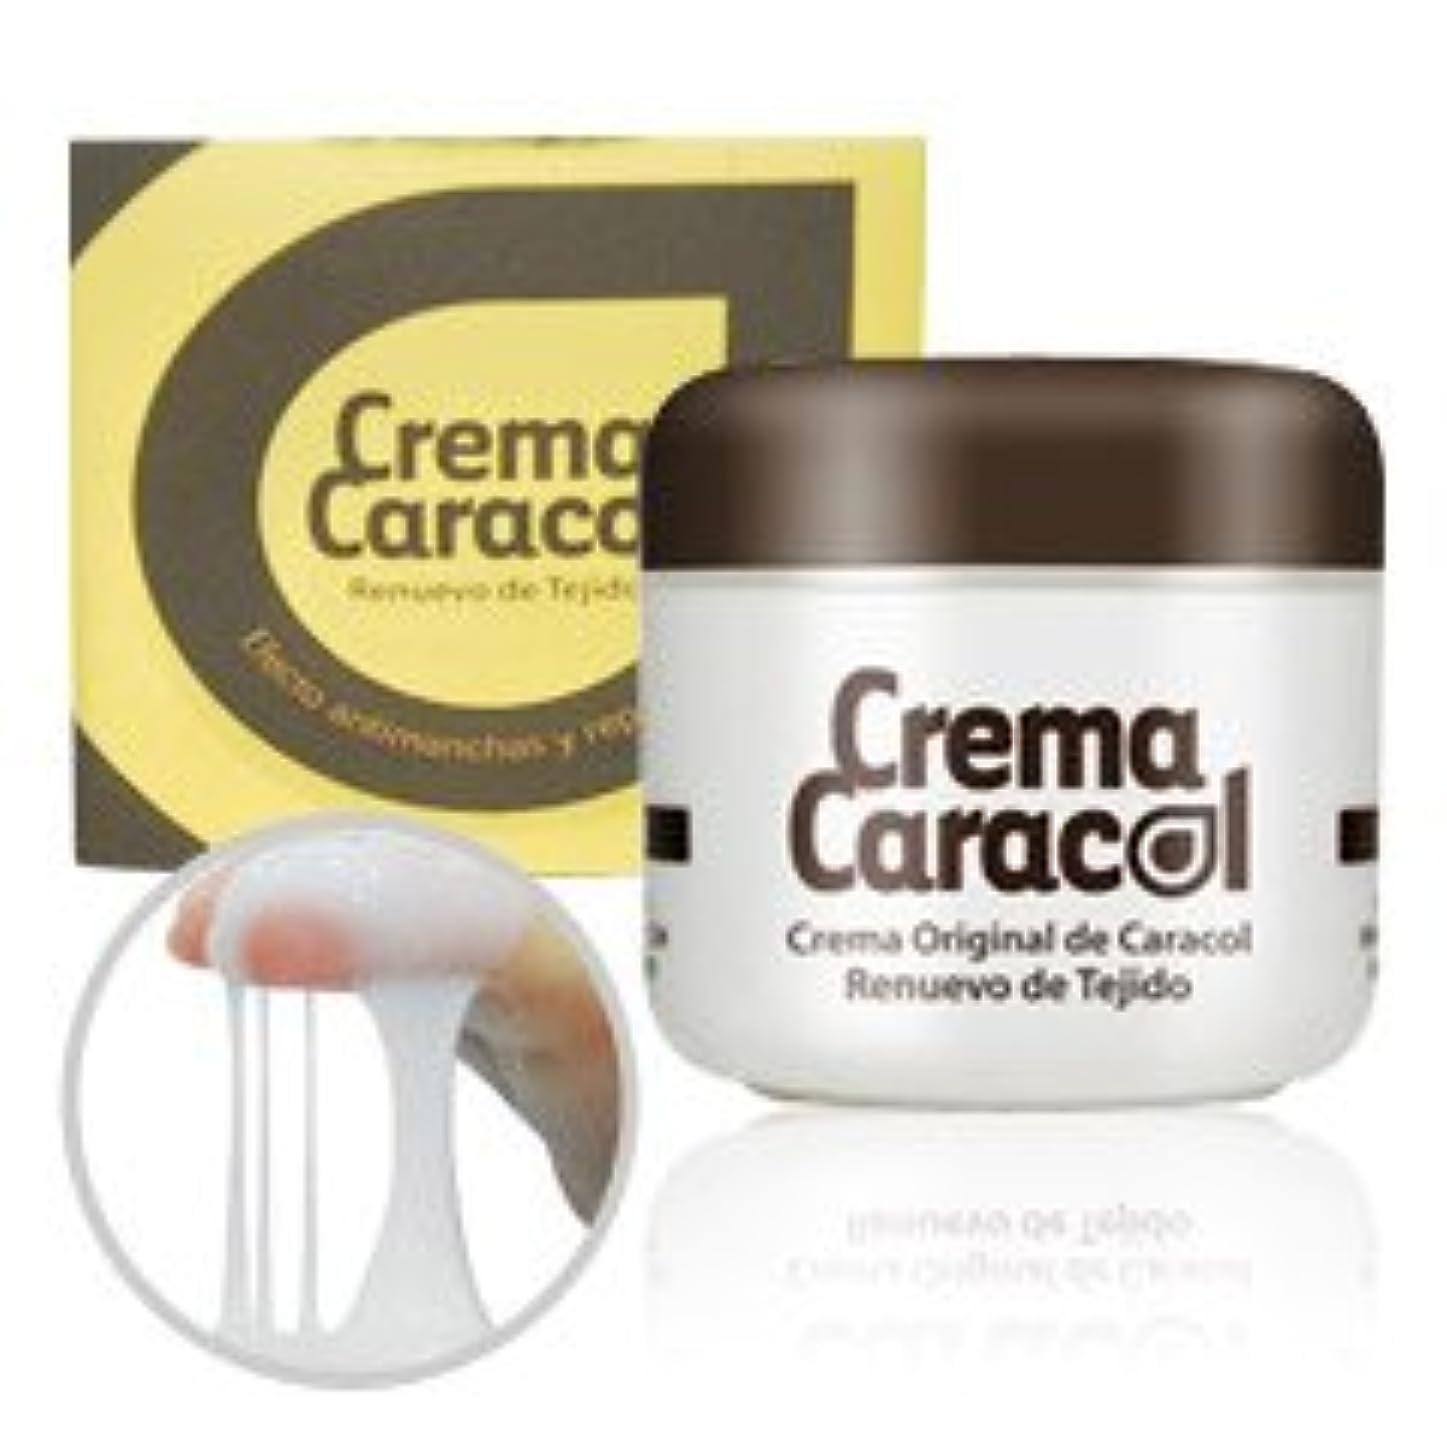 徴収気候ゴミ箱を空にするcrema caracol(カラコール) かたつむりクリーム 3個セット